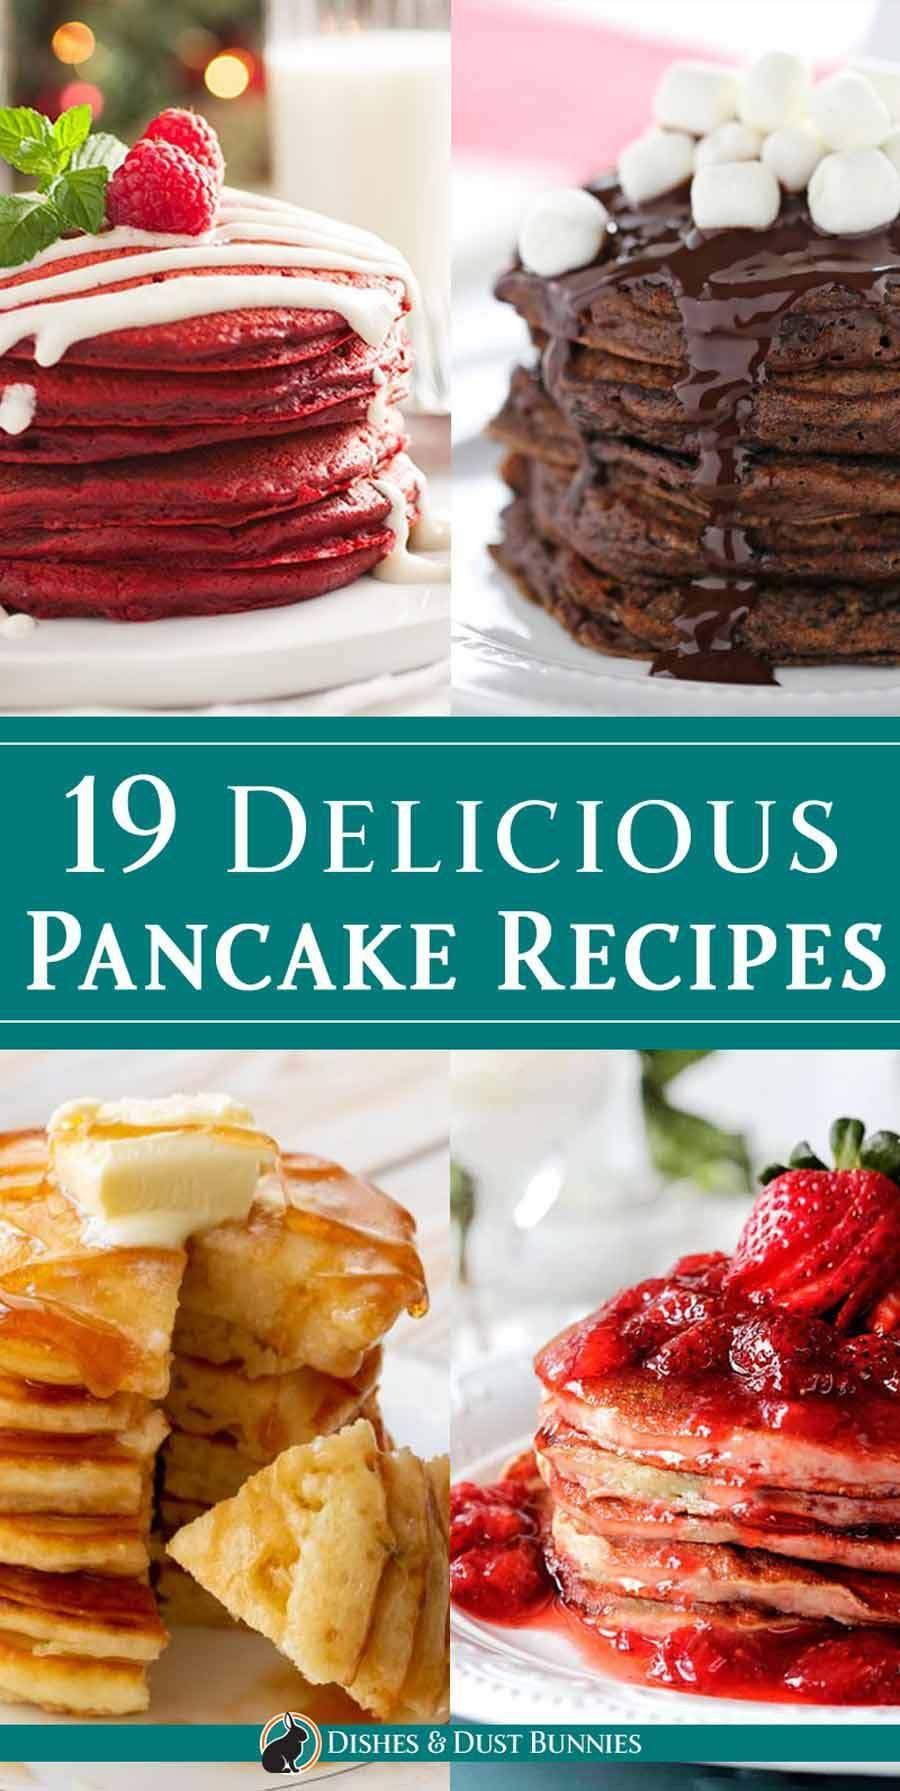 19 Delicious Pancake Recipes